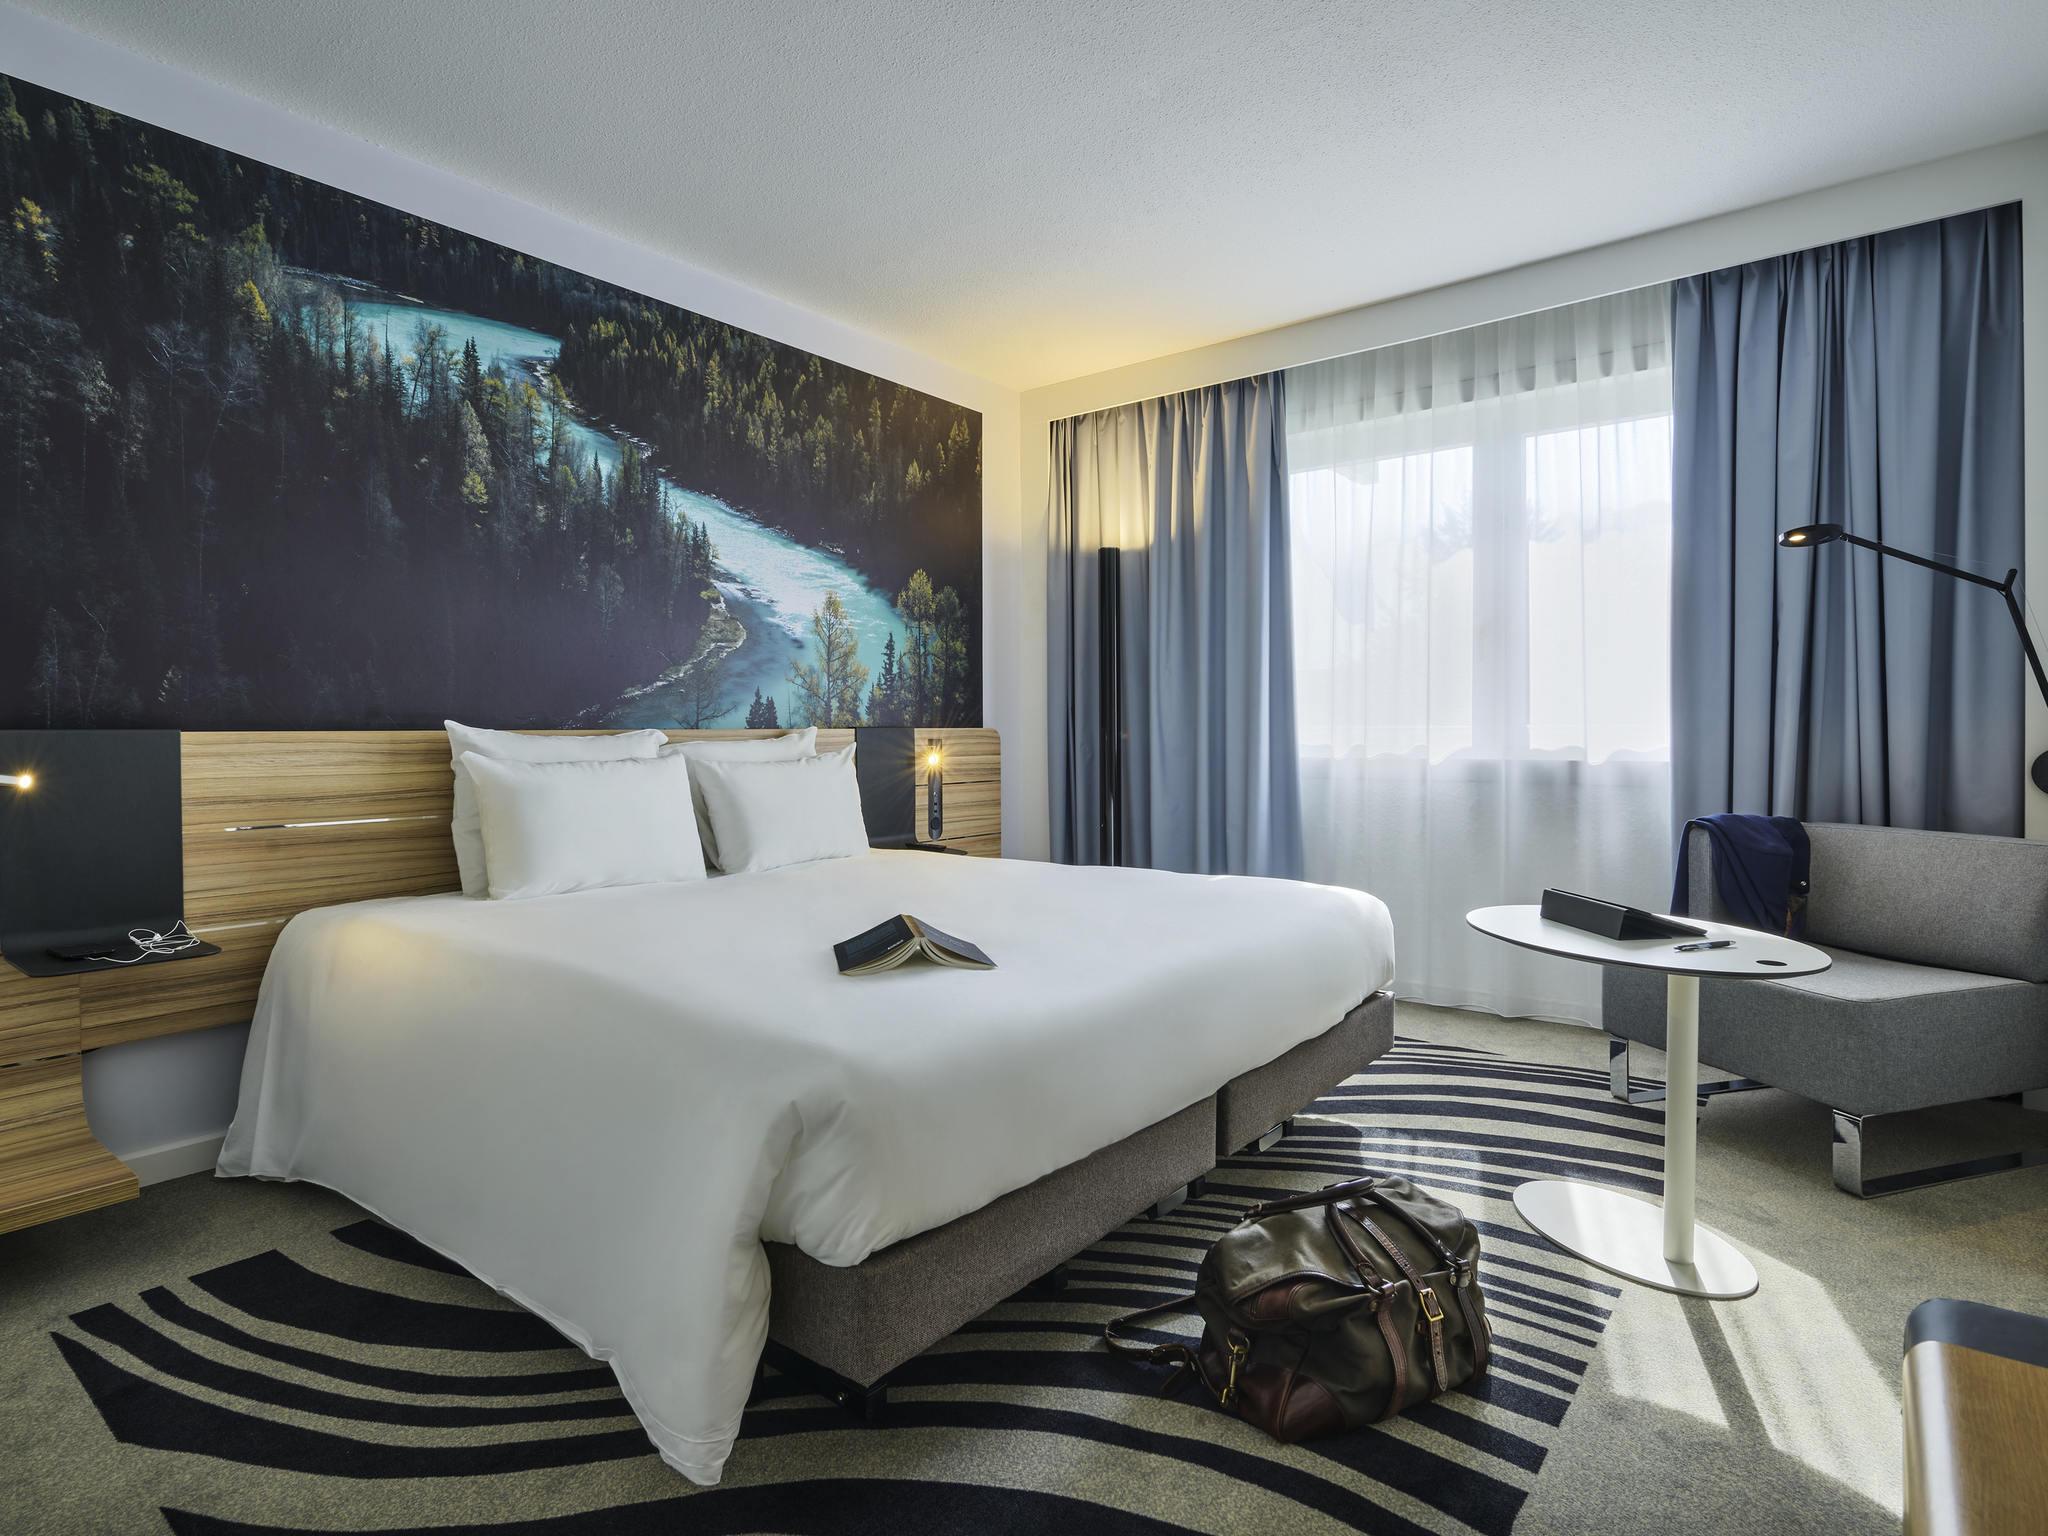 Hotel – Novotel Massy Palaiseau